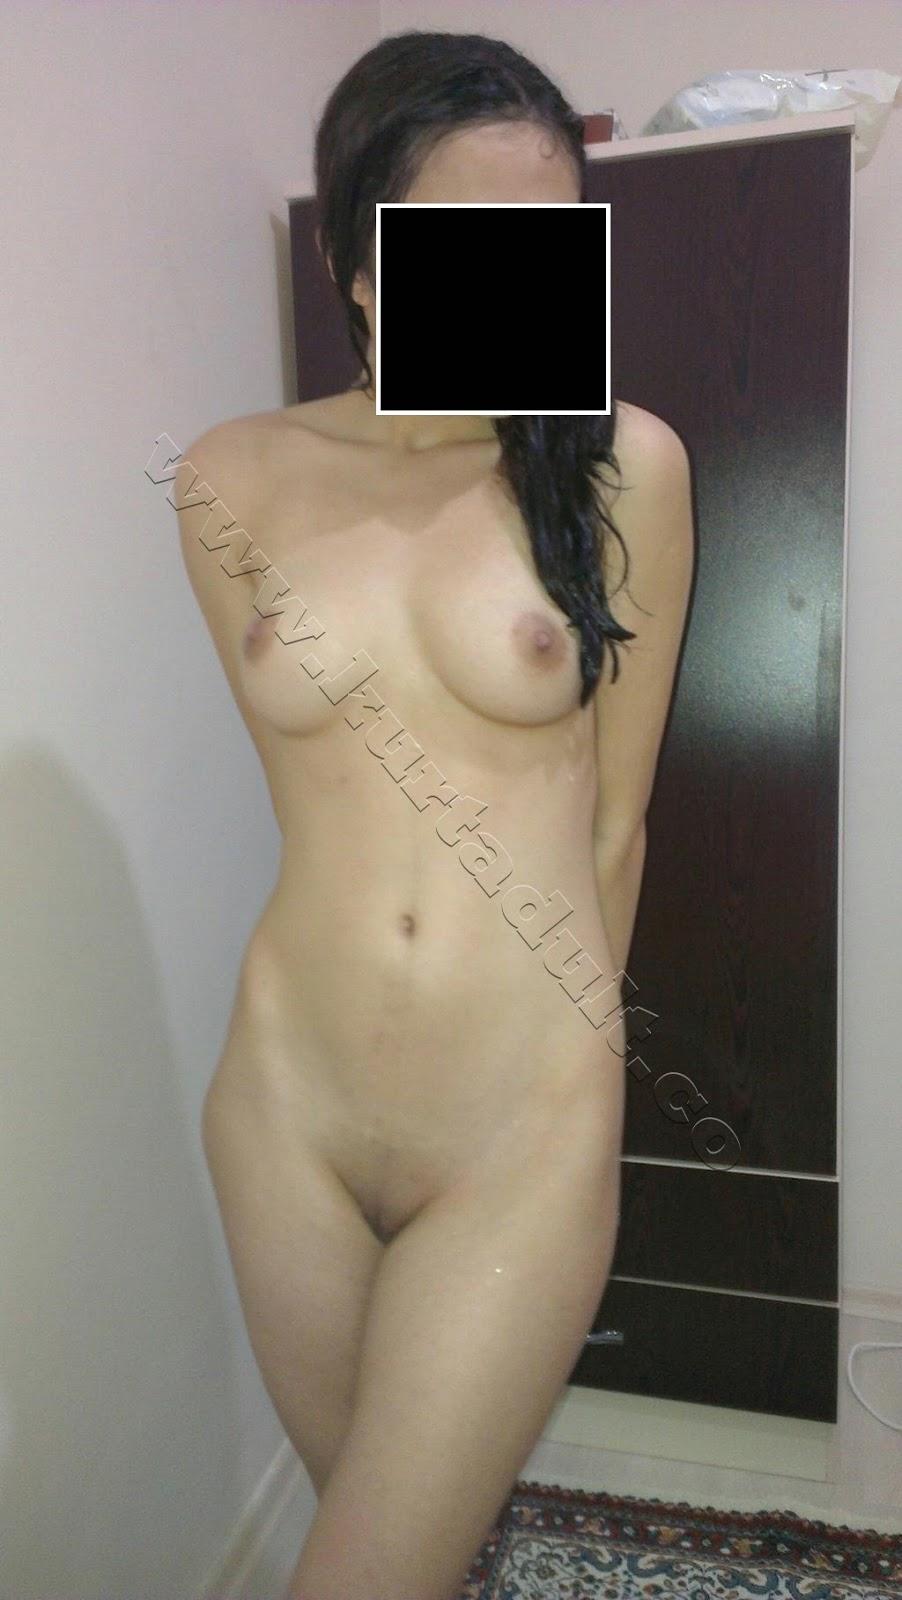 Girl perfect taze foto sex knows